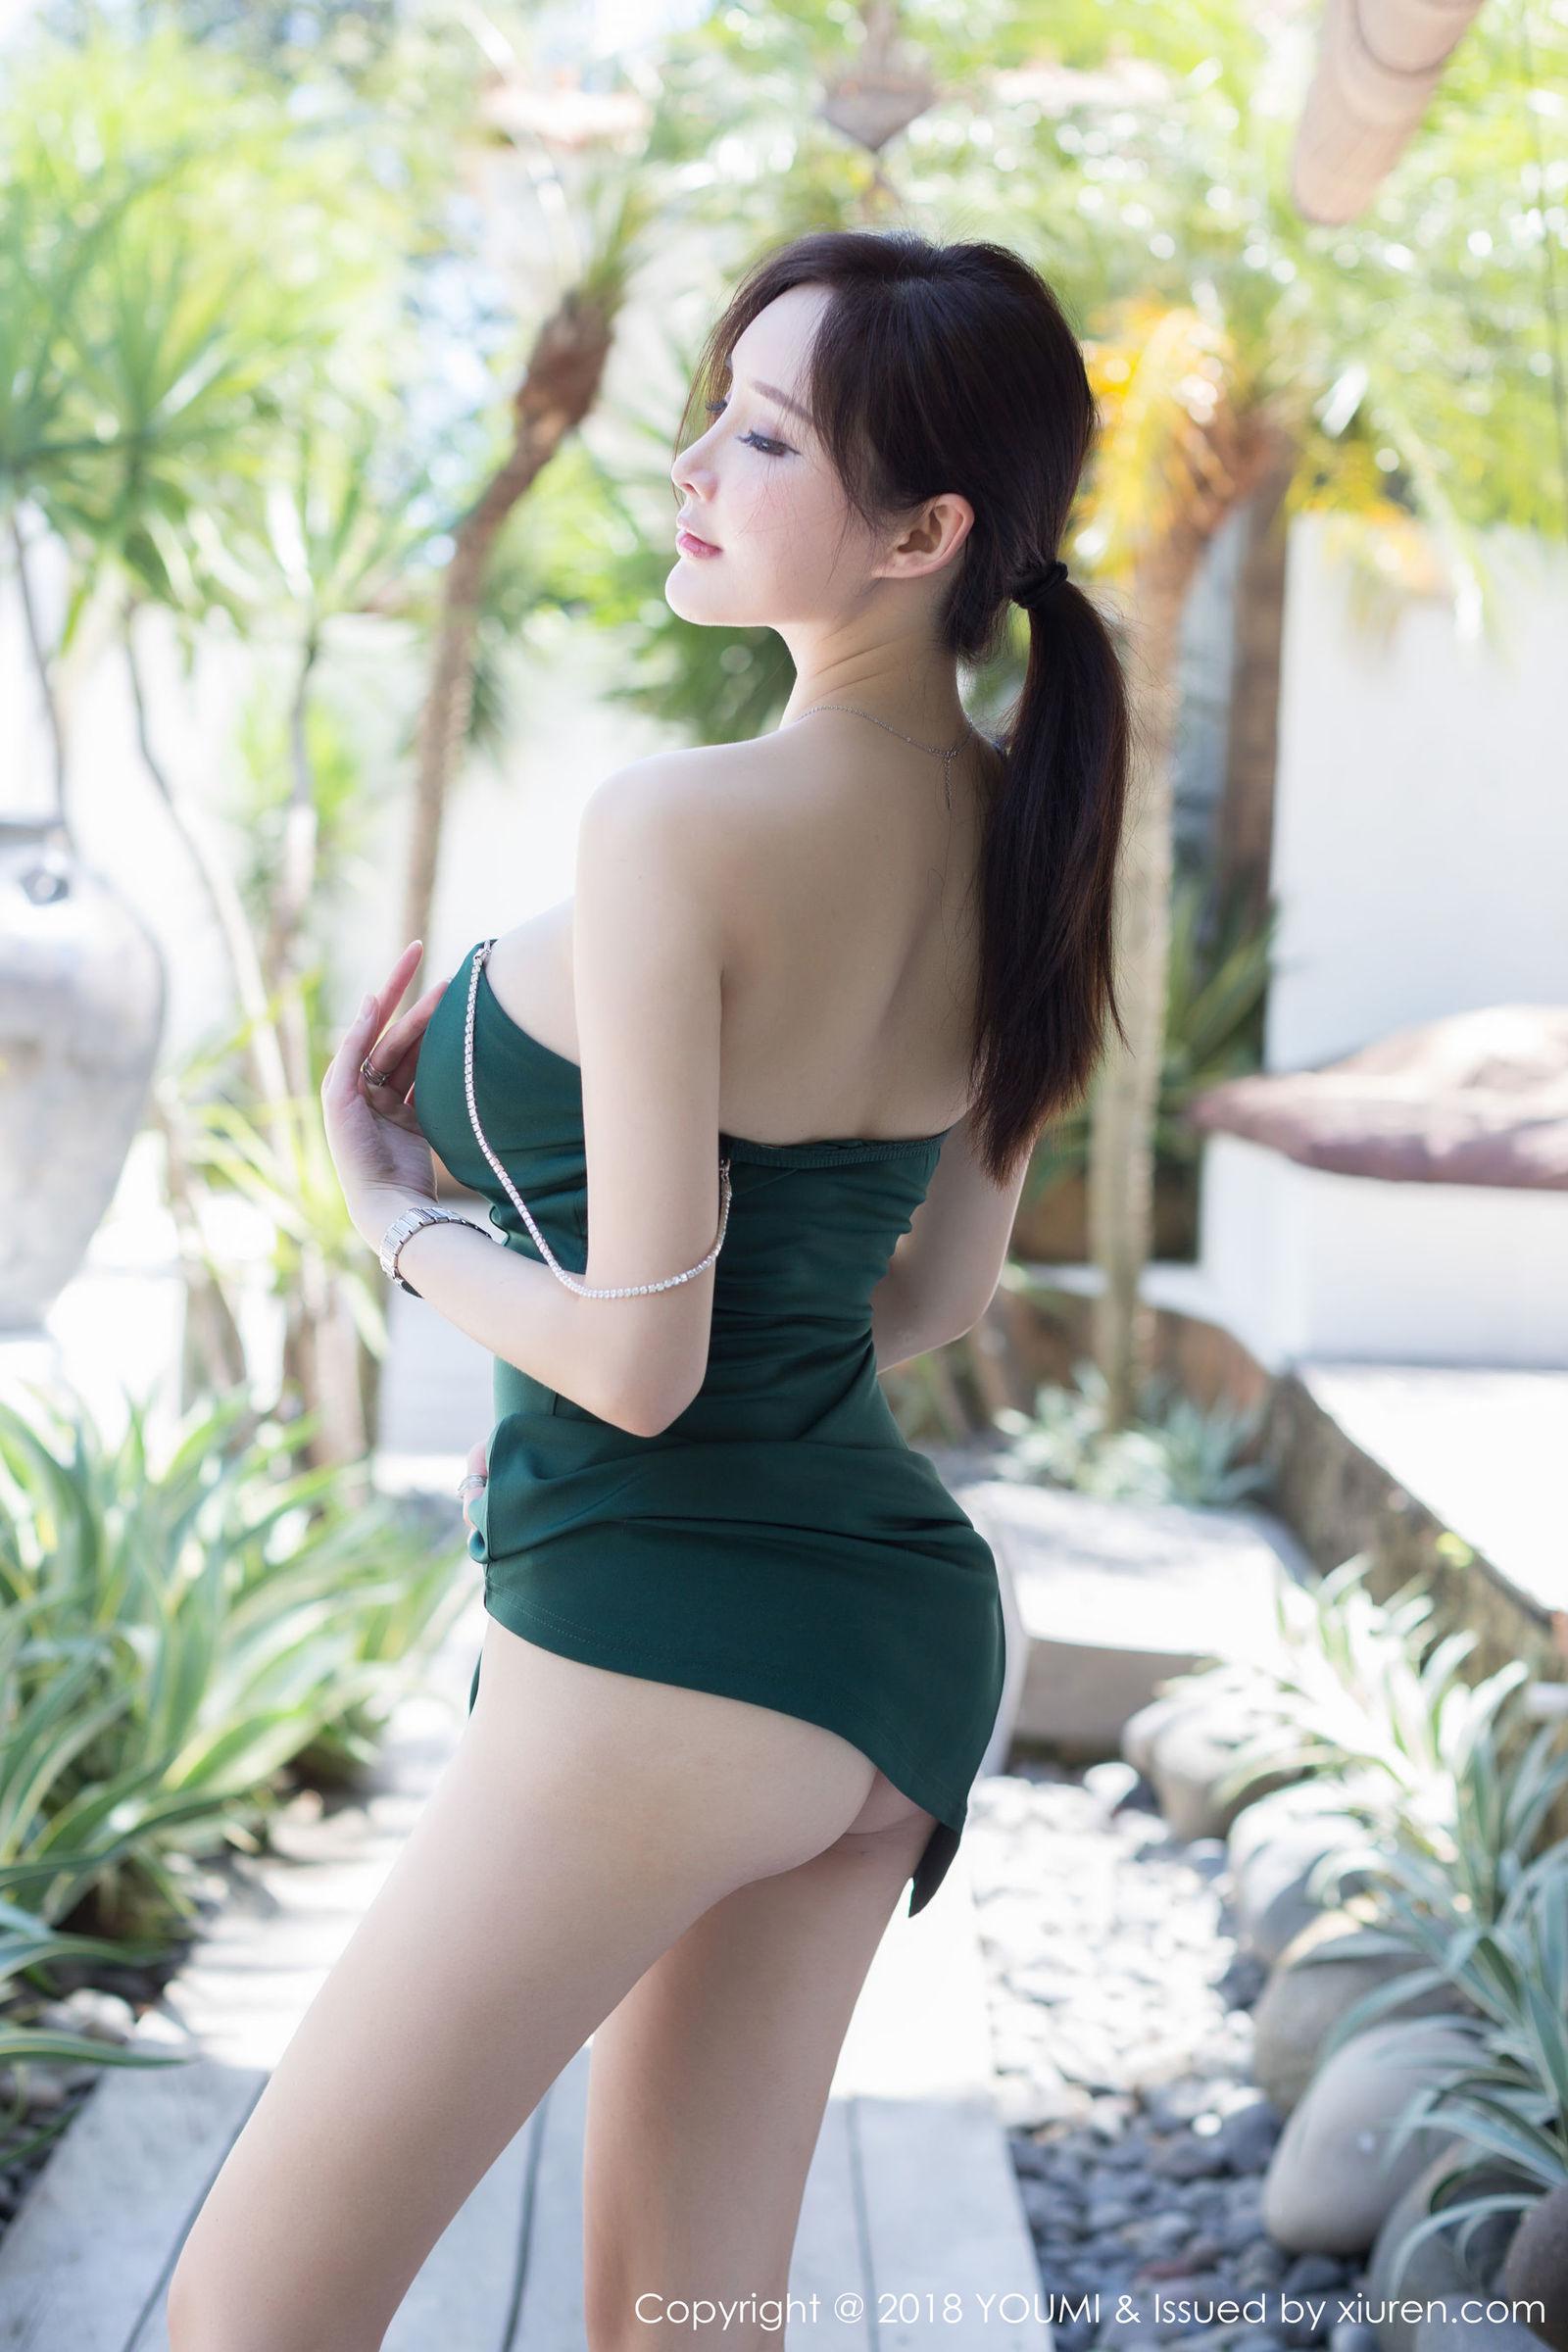 女神奶瓶土肥圆巴厘岛旅拍写真